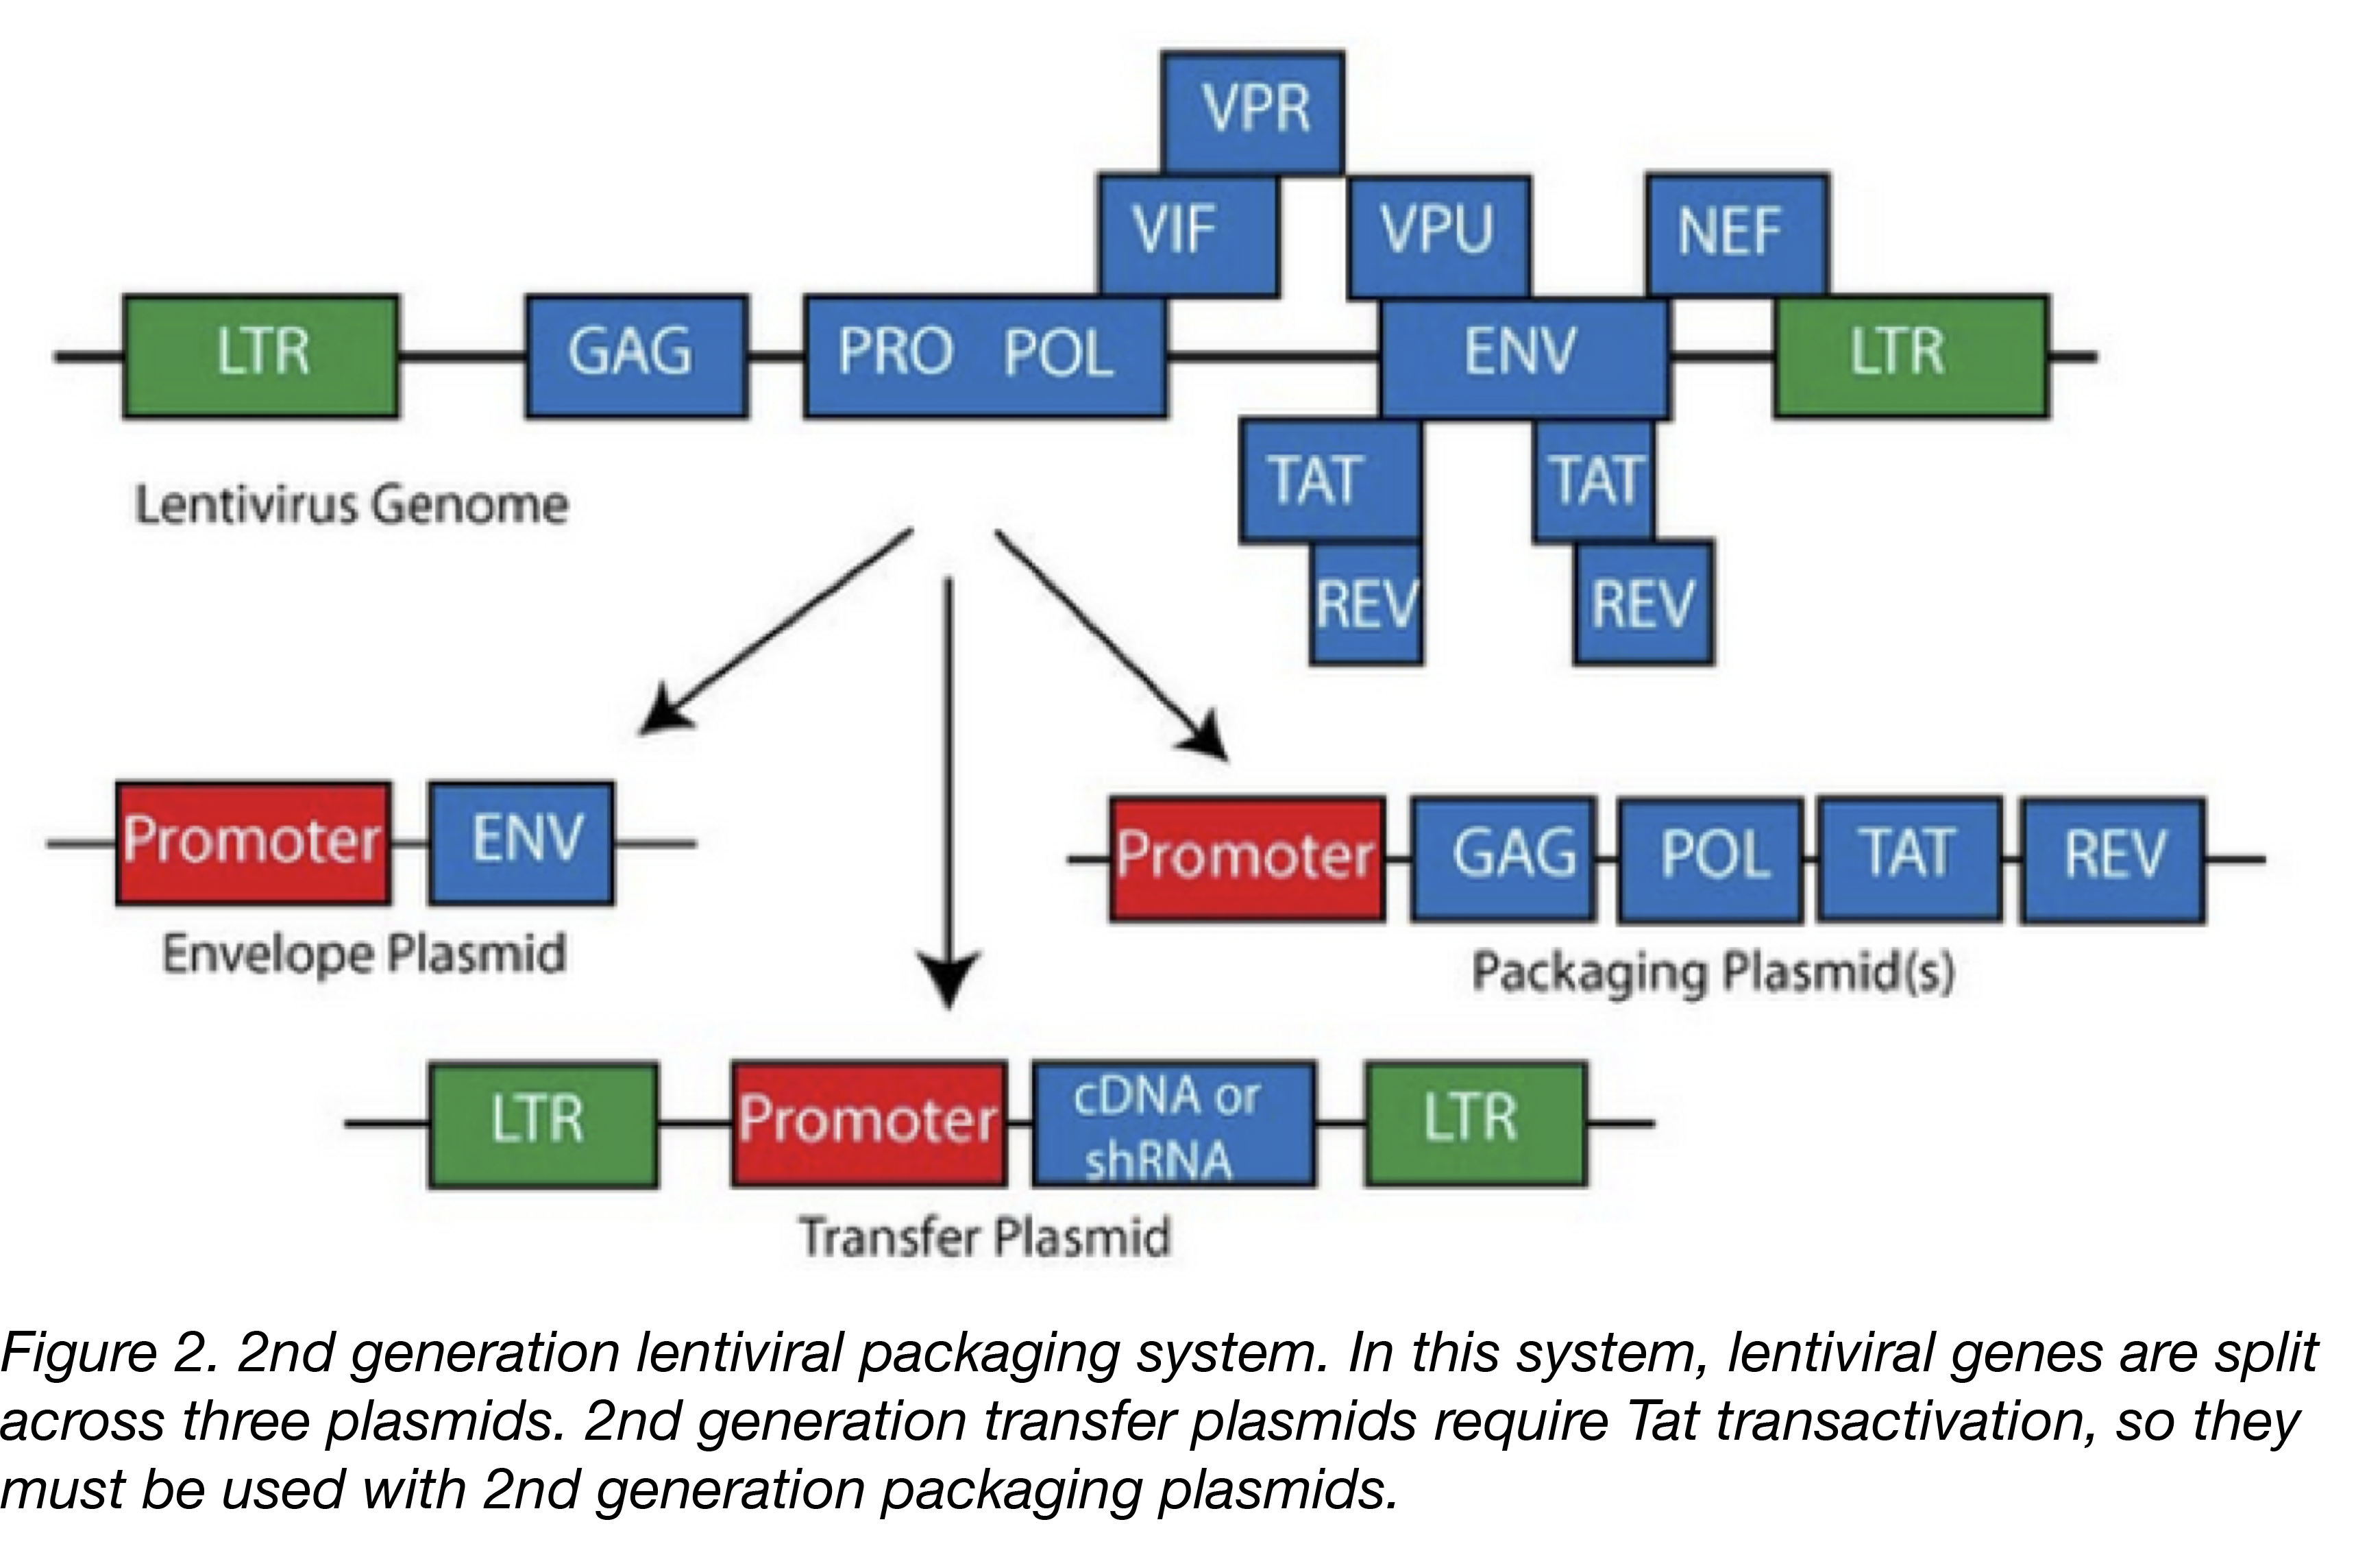 Second generation lentiviral vectors